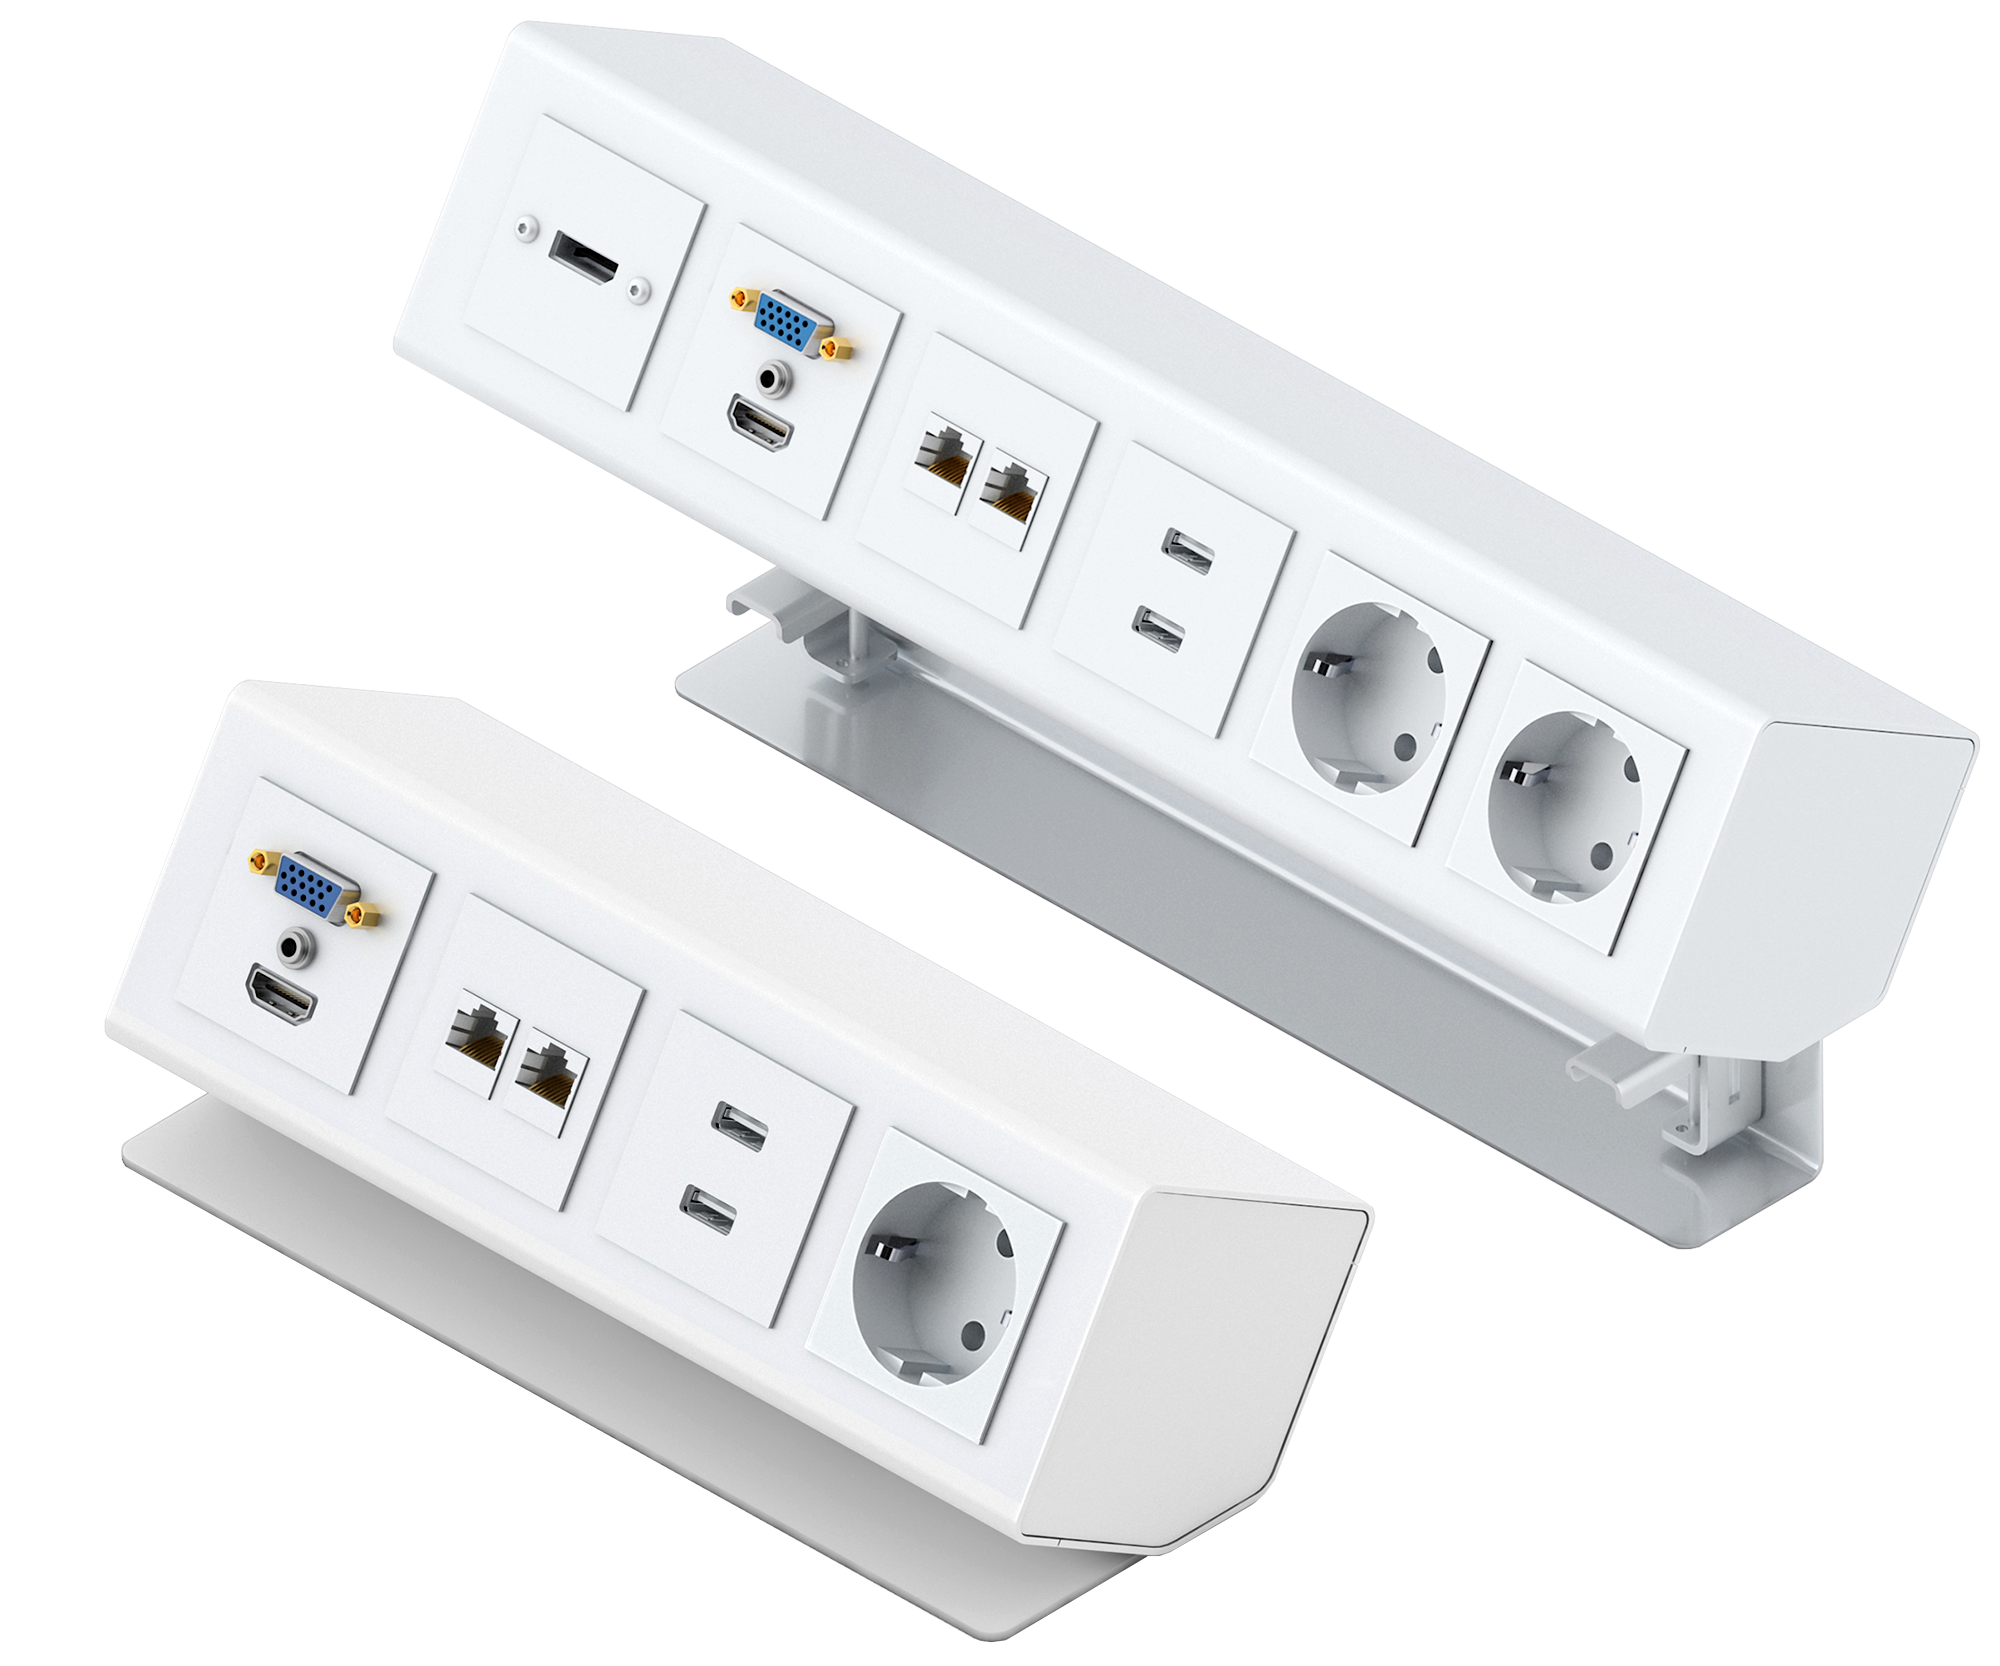 PanConnect MINI - Boitier de connectique à poser ou à monter sur table- Bloc Alimentation + USB et Modules de prises de câbles - Blanc, Silver ou Noir